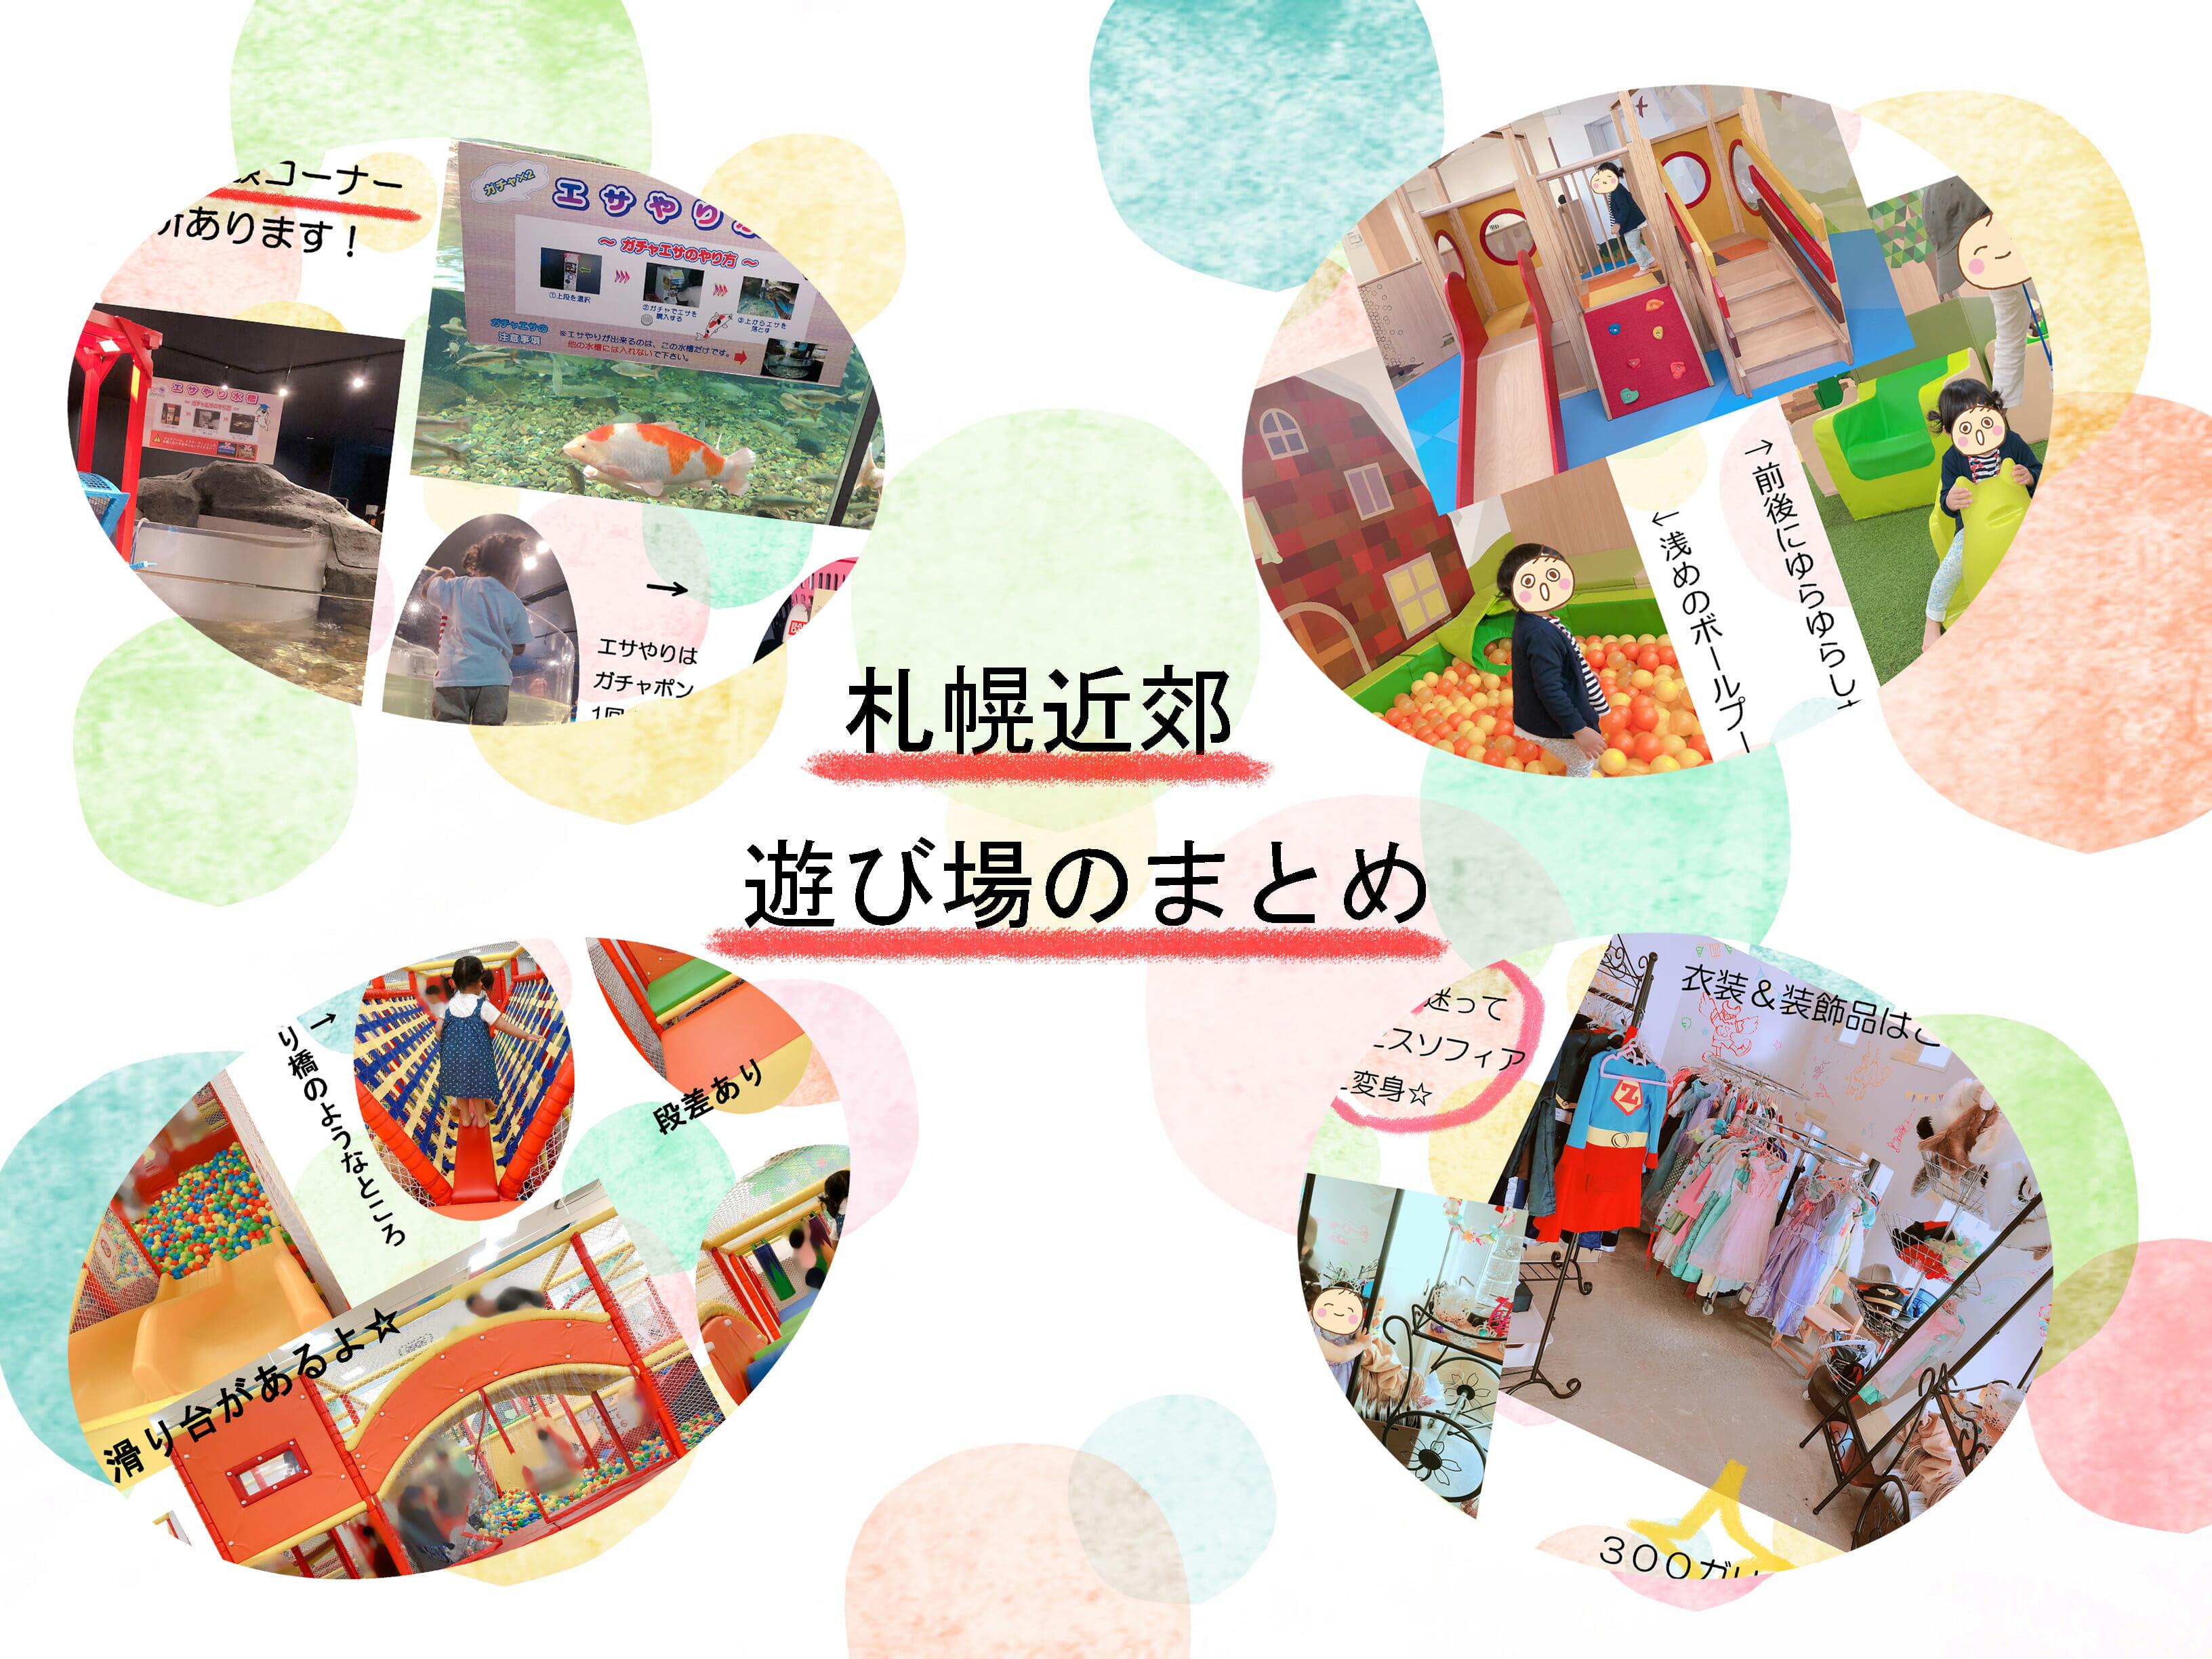 札幌近郊の子連れにオススメな遊び場!幼児が喜ぶ☆まとめ